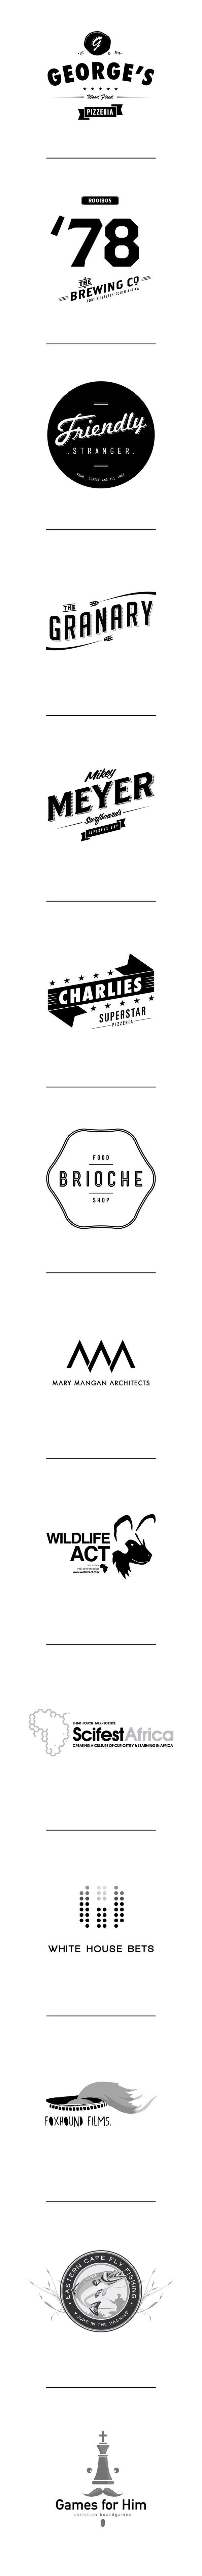 Logo's by Jedd Luke McNeilage, via Behance